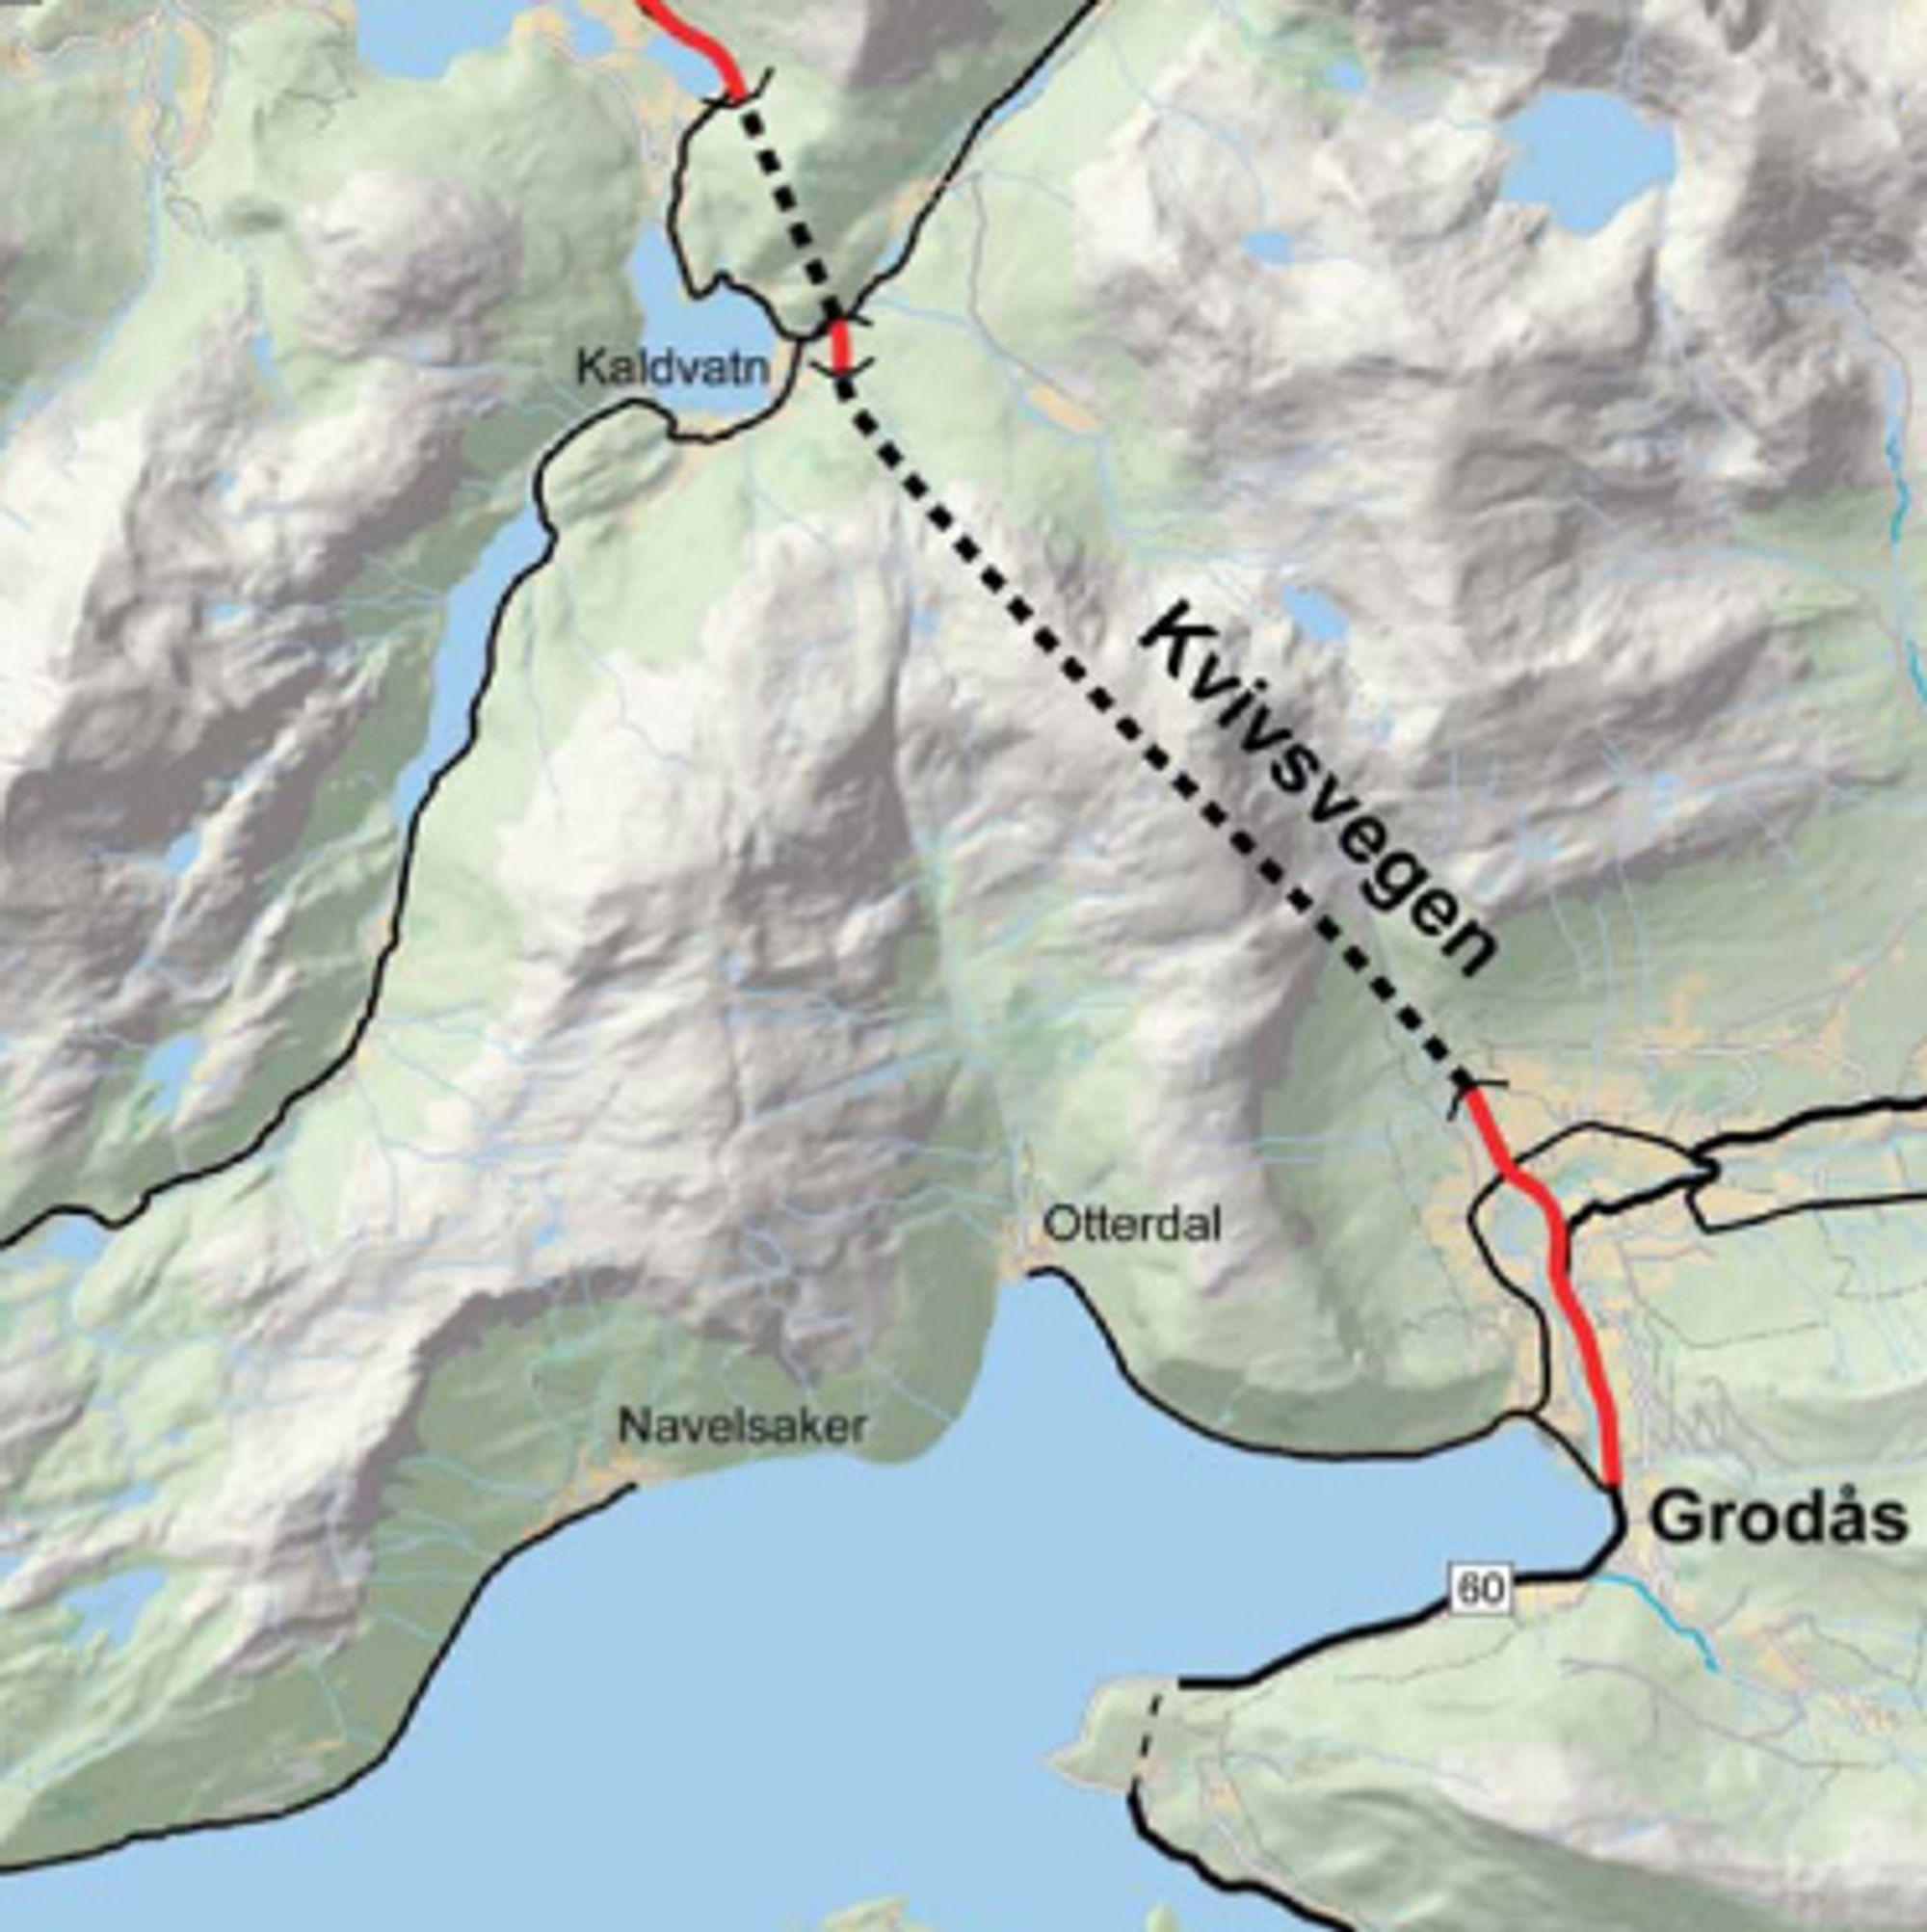 Hvis ingen klager før 15. april, blir det ECO Bygg som skal bygge brua over Storelva. Den kommer like sør for den 6,5 km lange Kvivstunnelen.